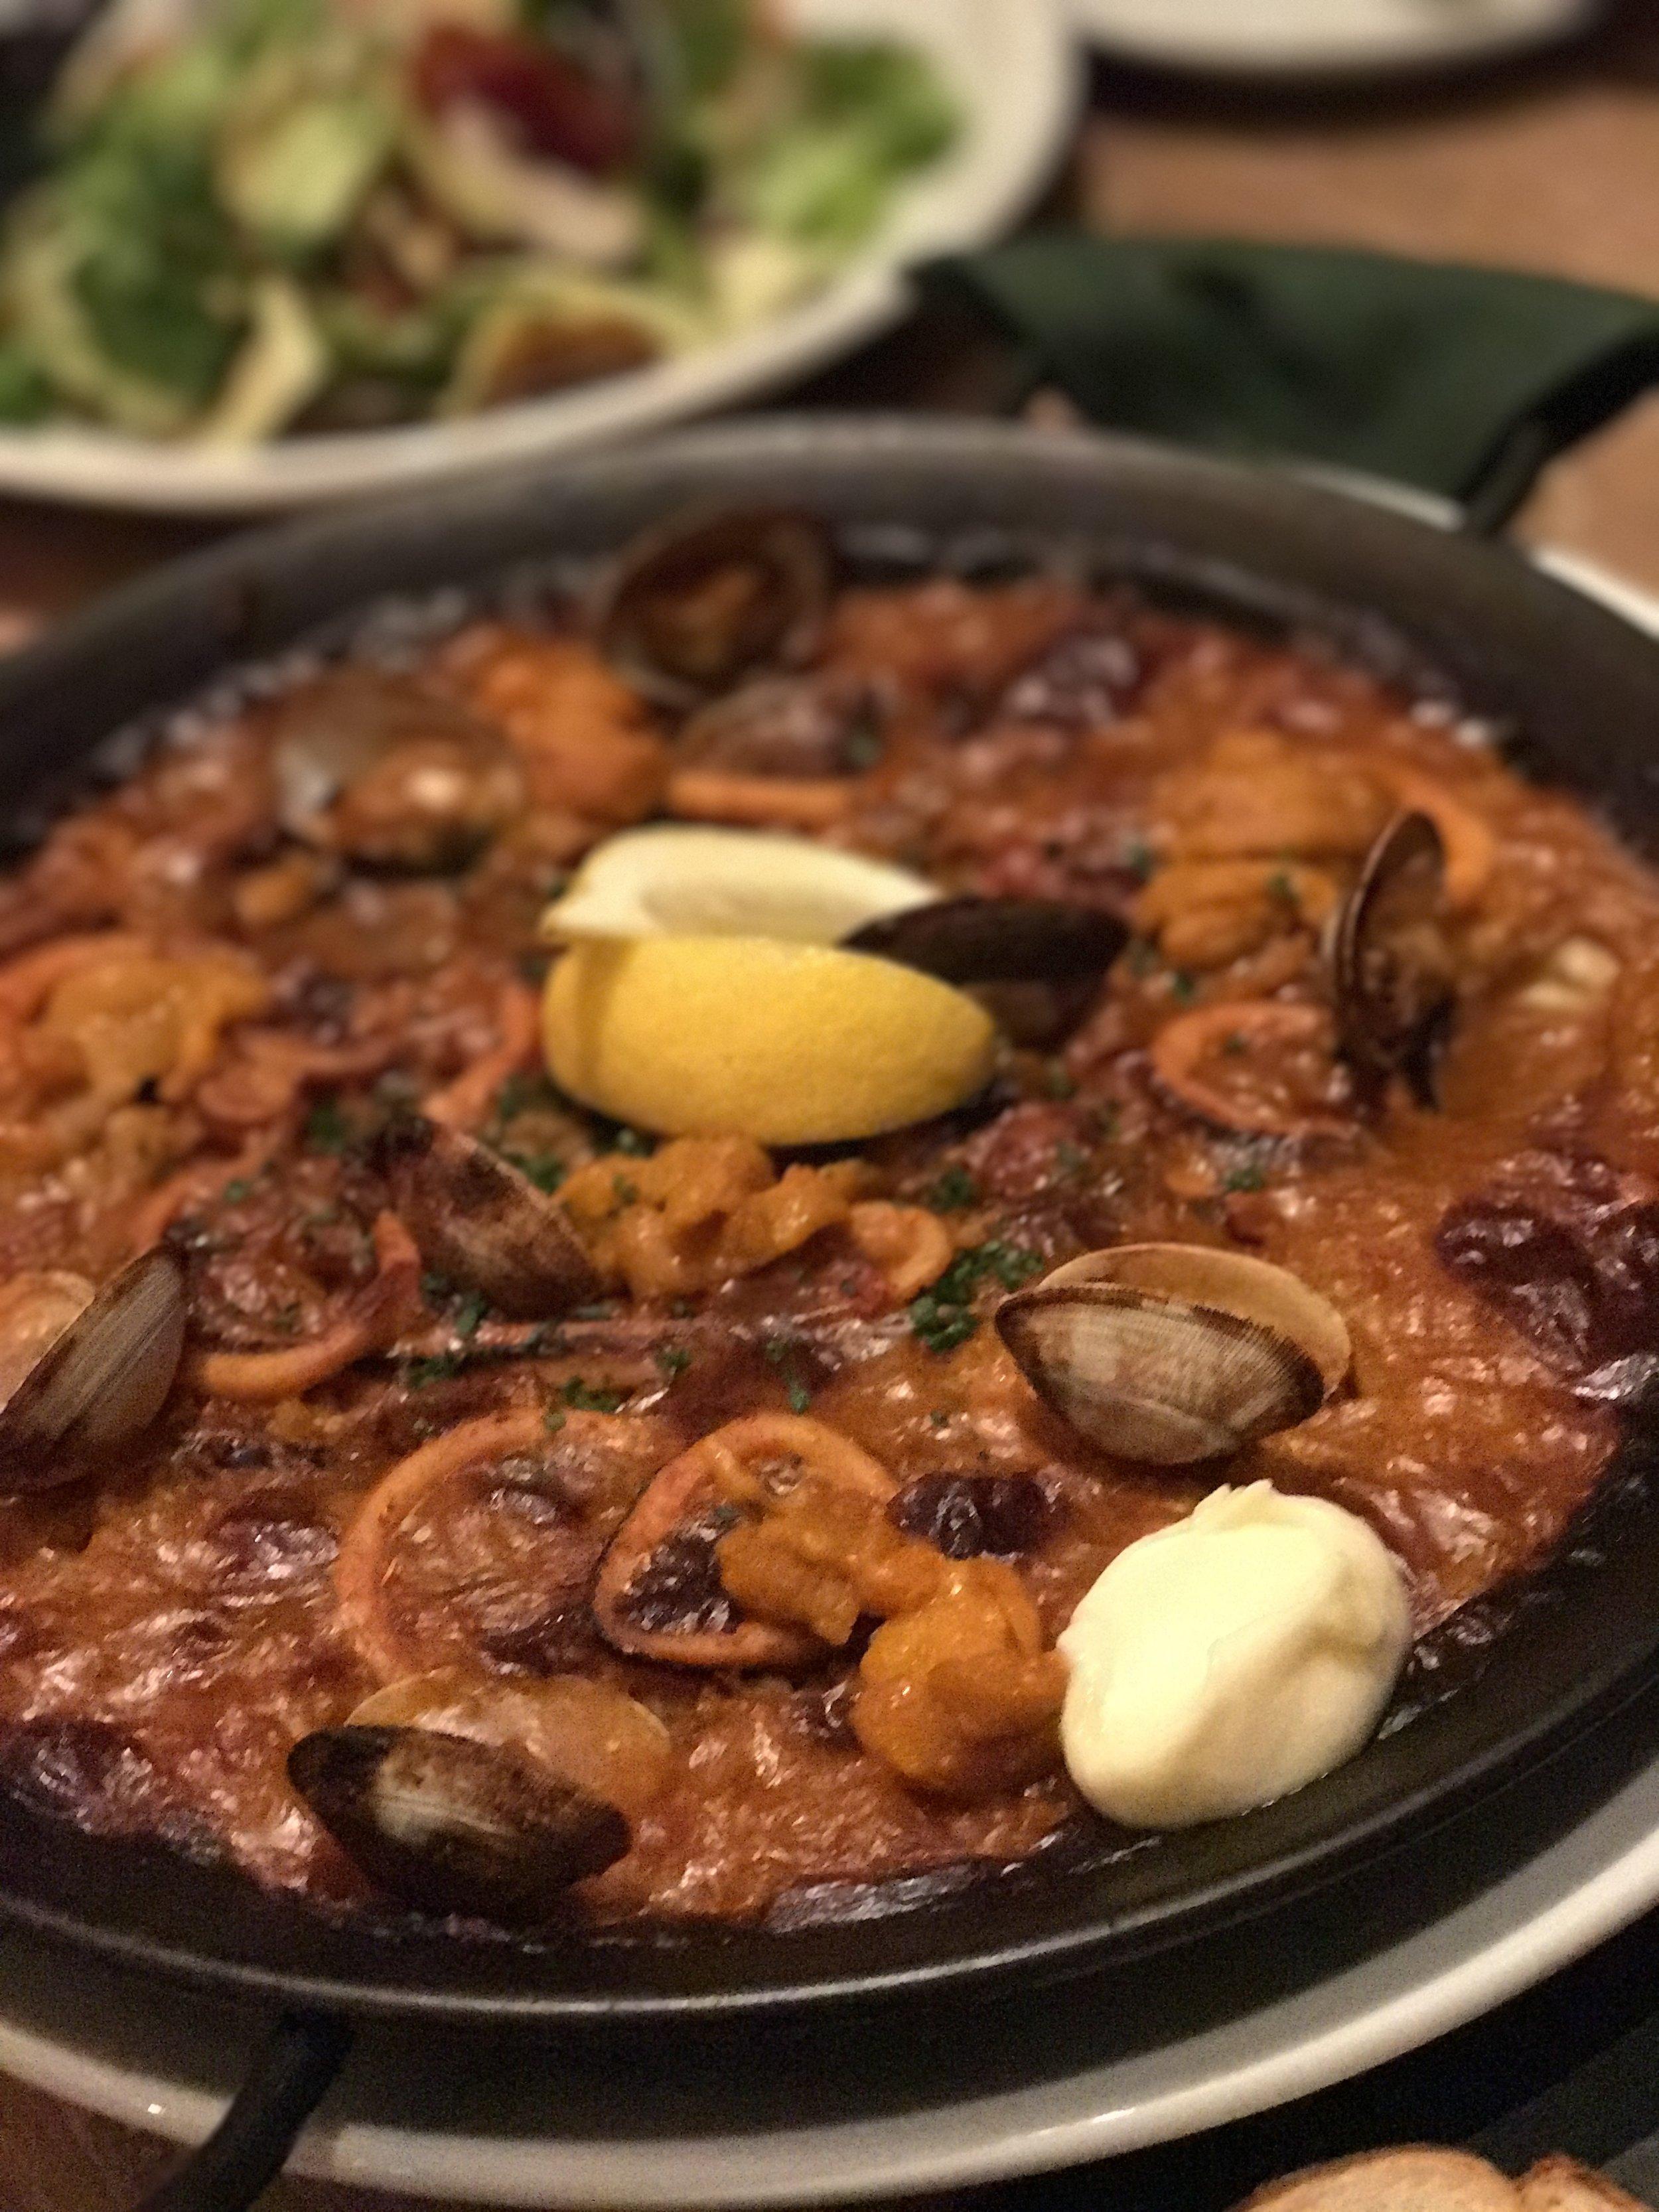 ボデガ bodega 名古屋 パエリア スペイン料理